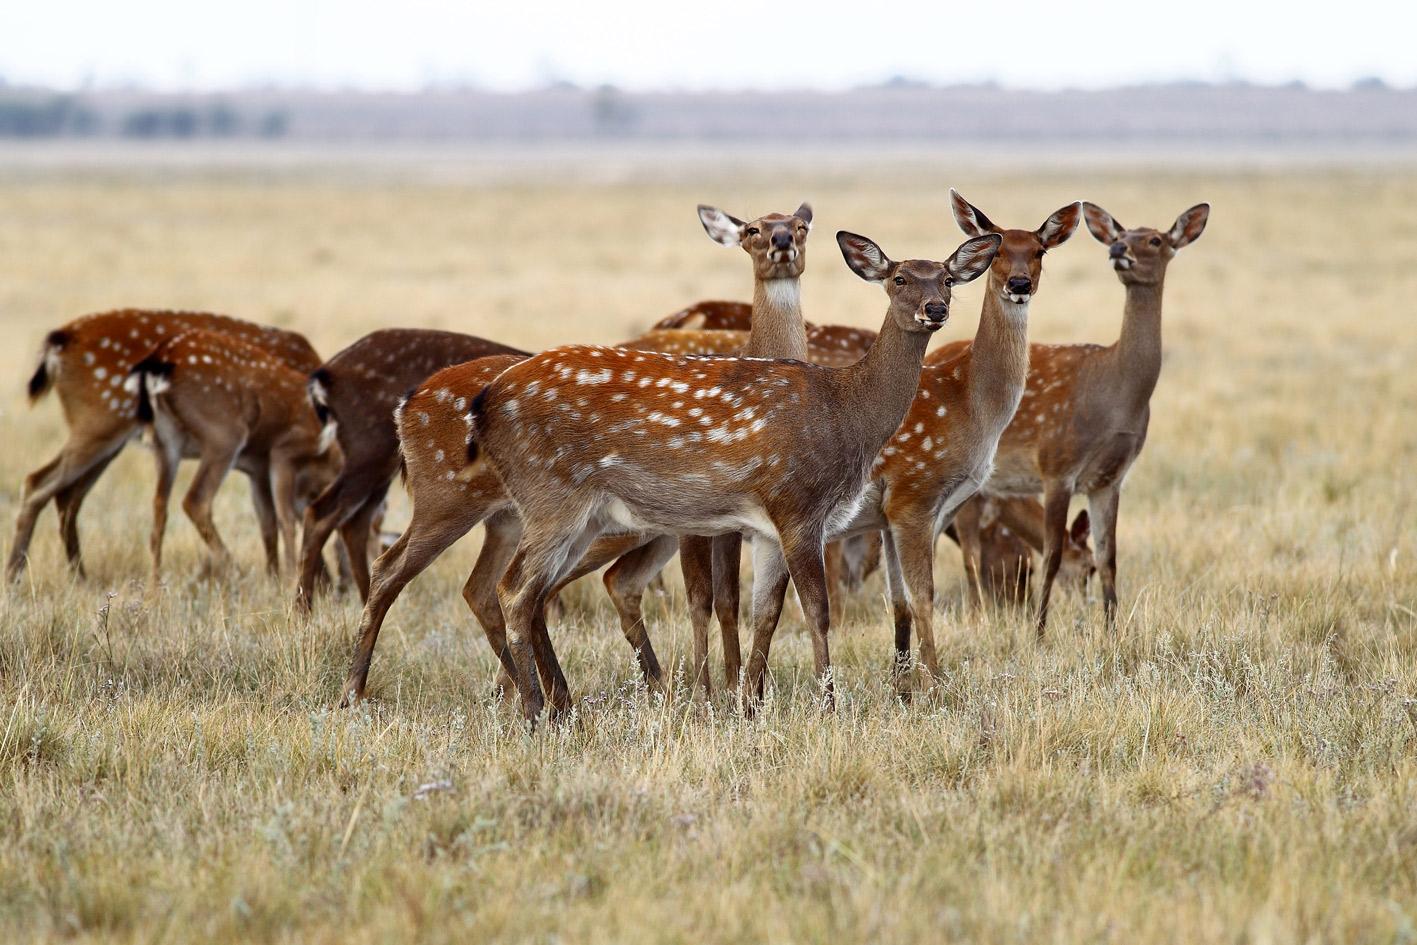 """фото """"Внимание!Вас снимает скрытая камера"""" метки: репортаж, природа, дикие животные, осень"""